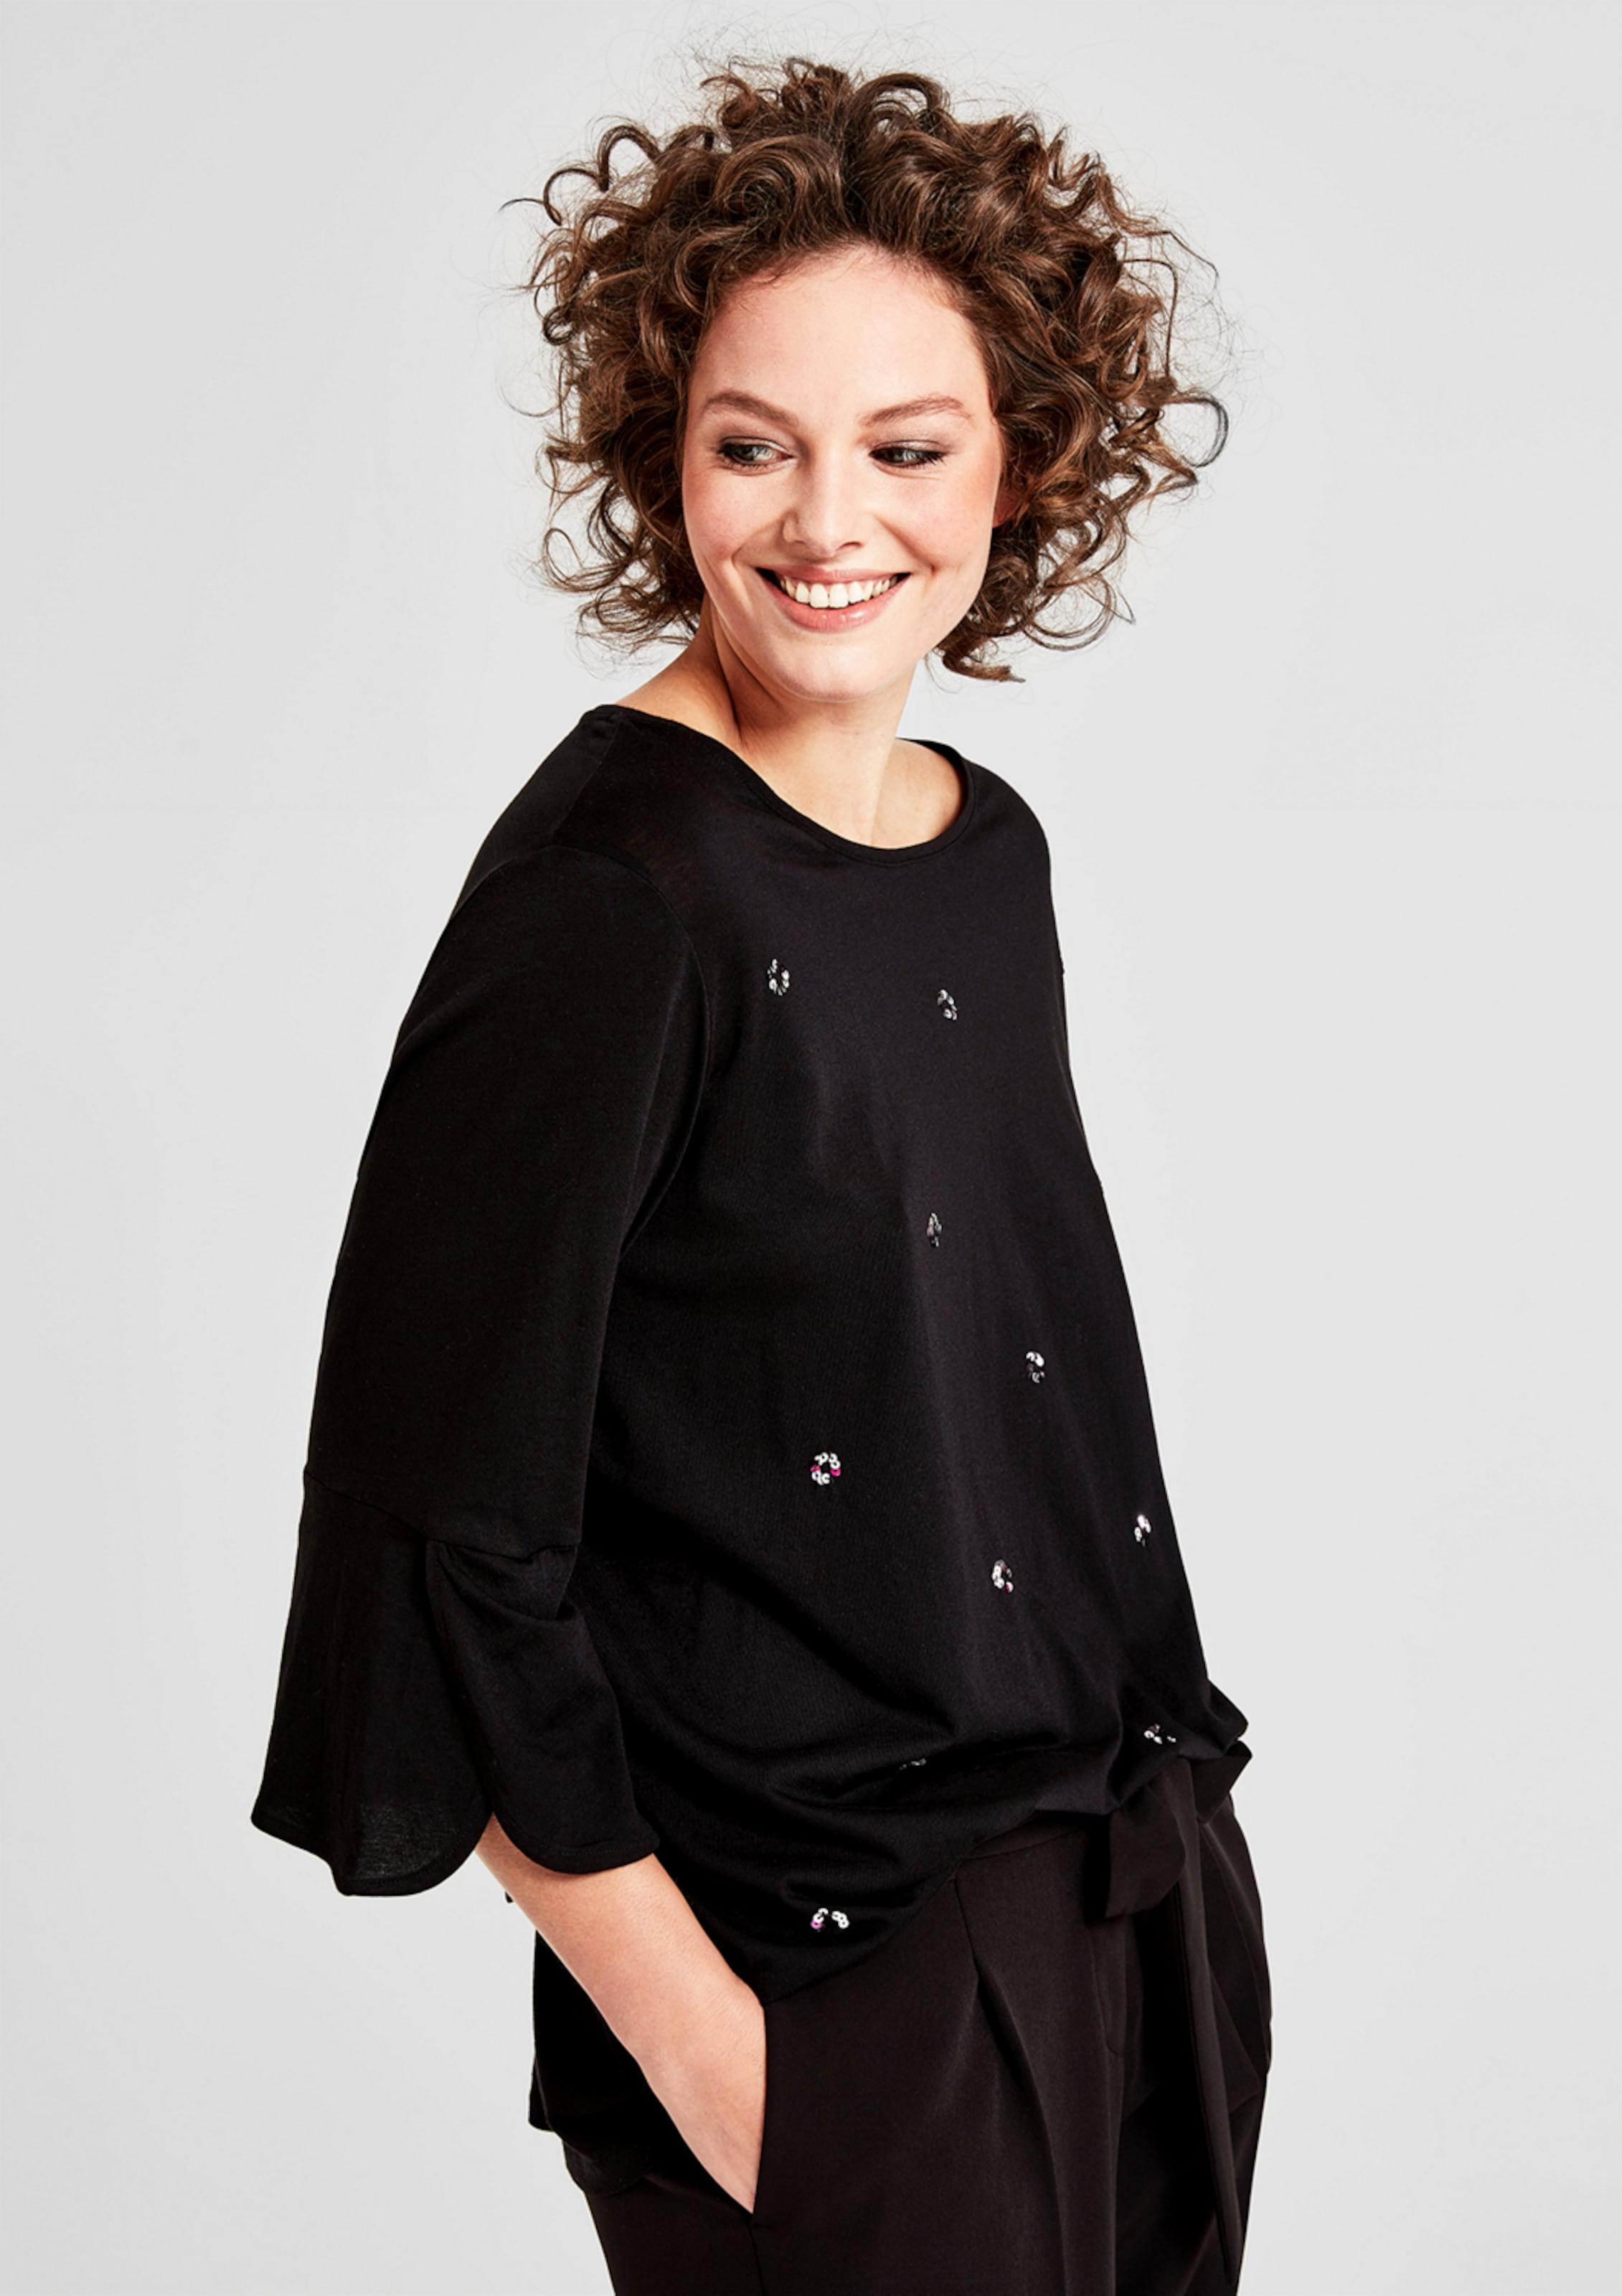 Spielraum Erstaunlicher Preis TRIANGLE Jerseyshirt mit Pailletten Strapazierfähiges Größte Anbieter Bester Verkauf Zum Verkauf 83VLVcAPEB